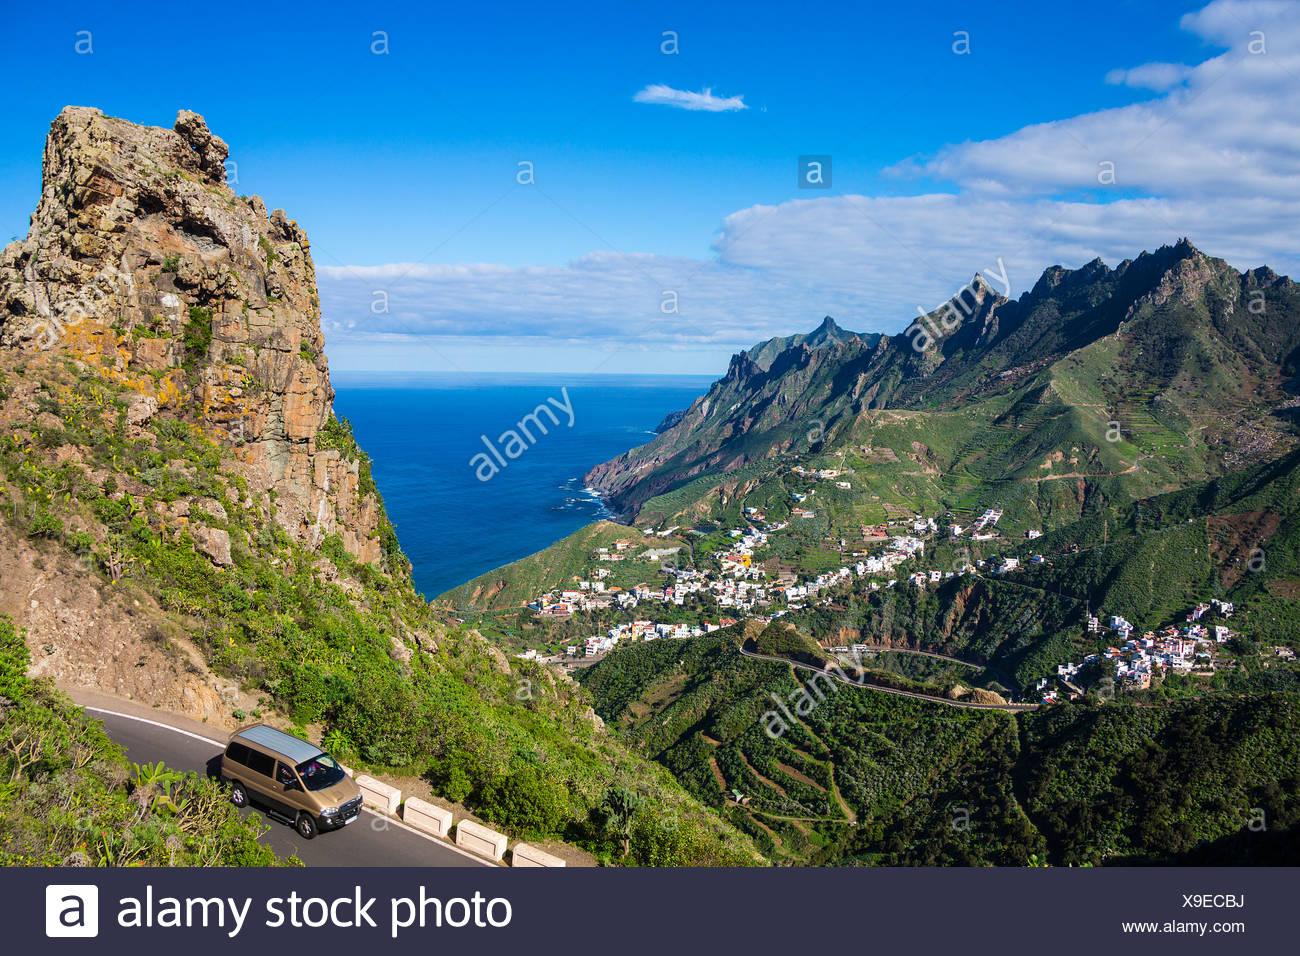 España, Europa, Islas Canarias, Taganana, la isla de Tenerife, Tenerife, Teneriffa, Taganana, montañas, ver, verde Imagen De Stock